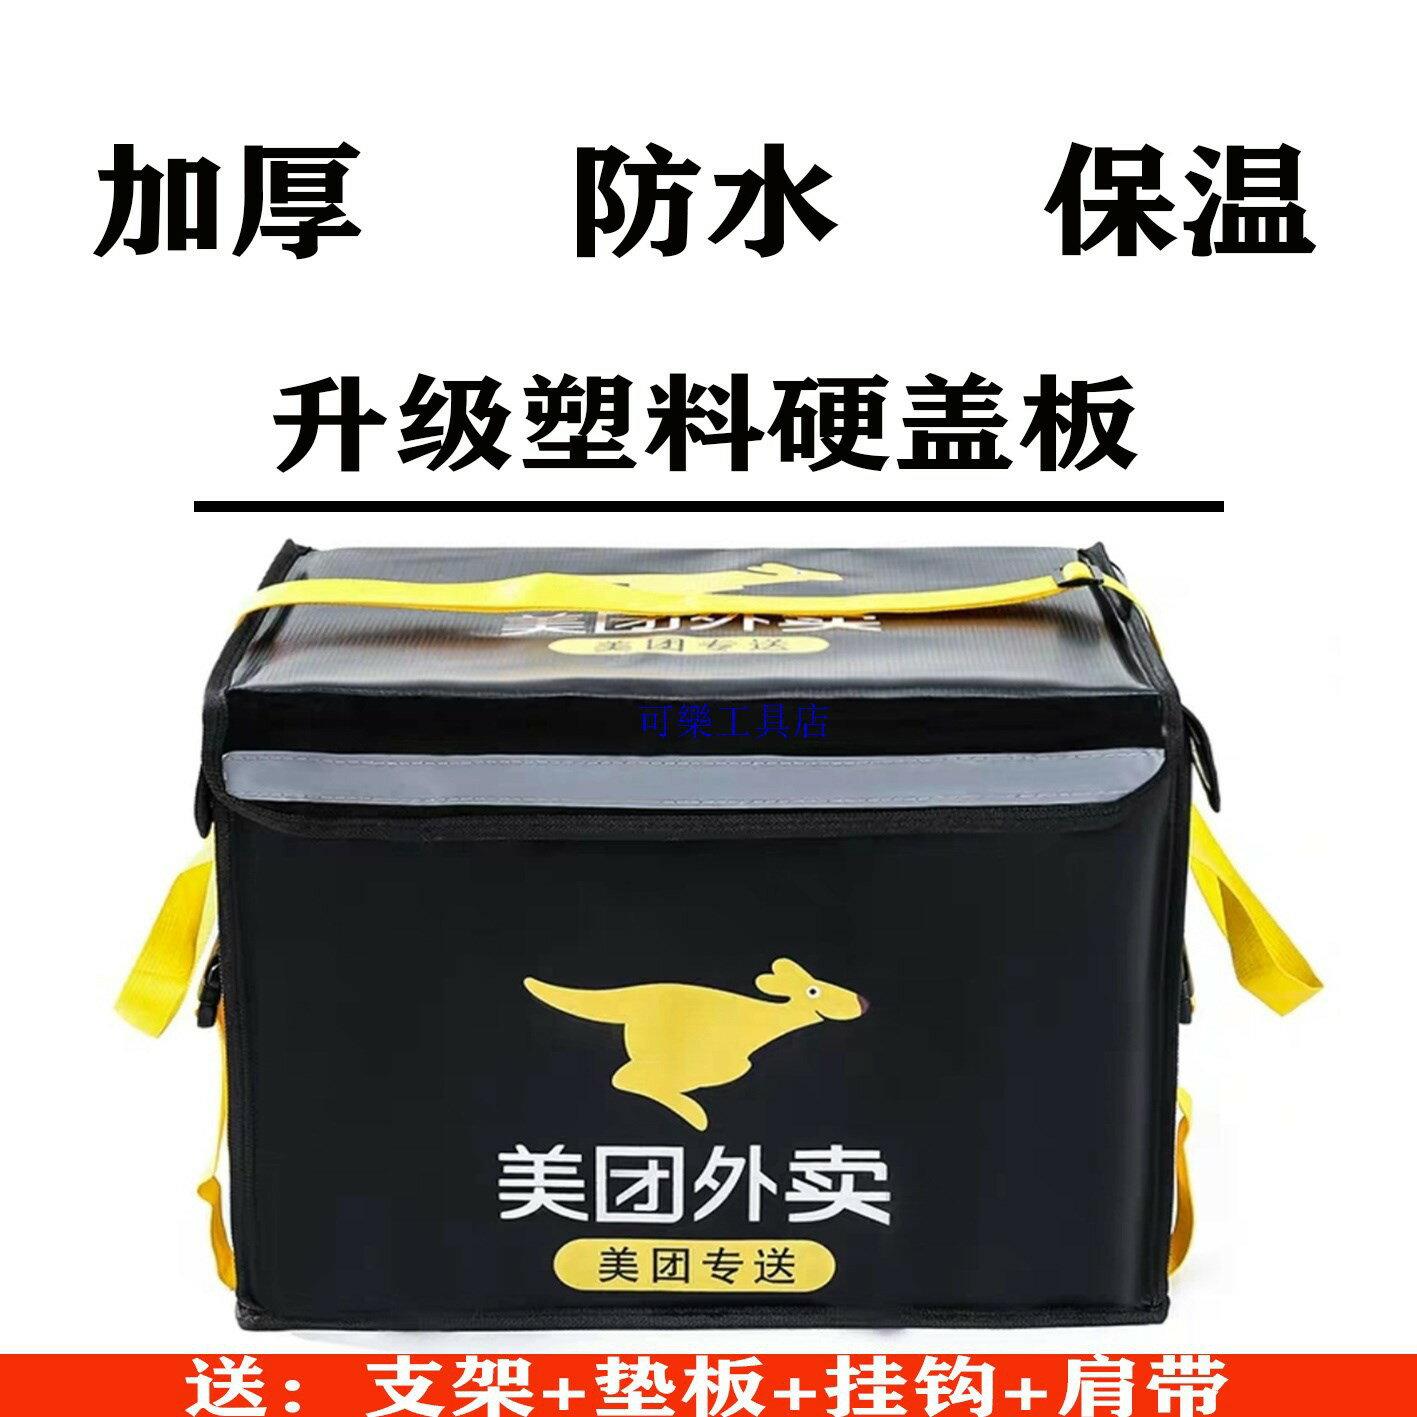 【免運】外送箱 外送保溫箱 外送保溫袋 外送袋 加厚外賣箱 美團外賣箱送餐箱保溫箱外賣騎手裝備恒溫箱62升48升30升美團箱子